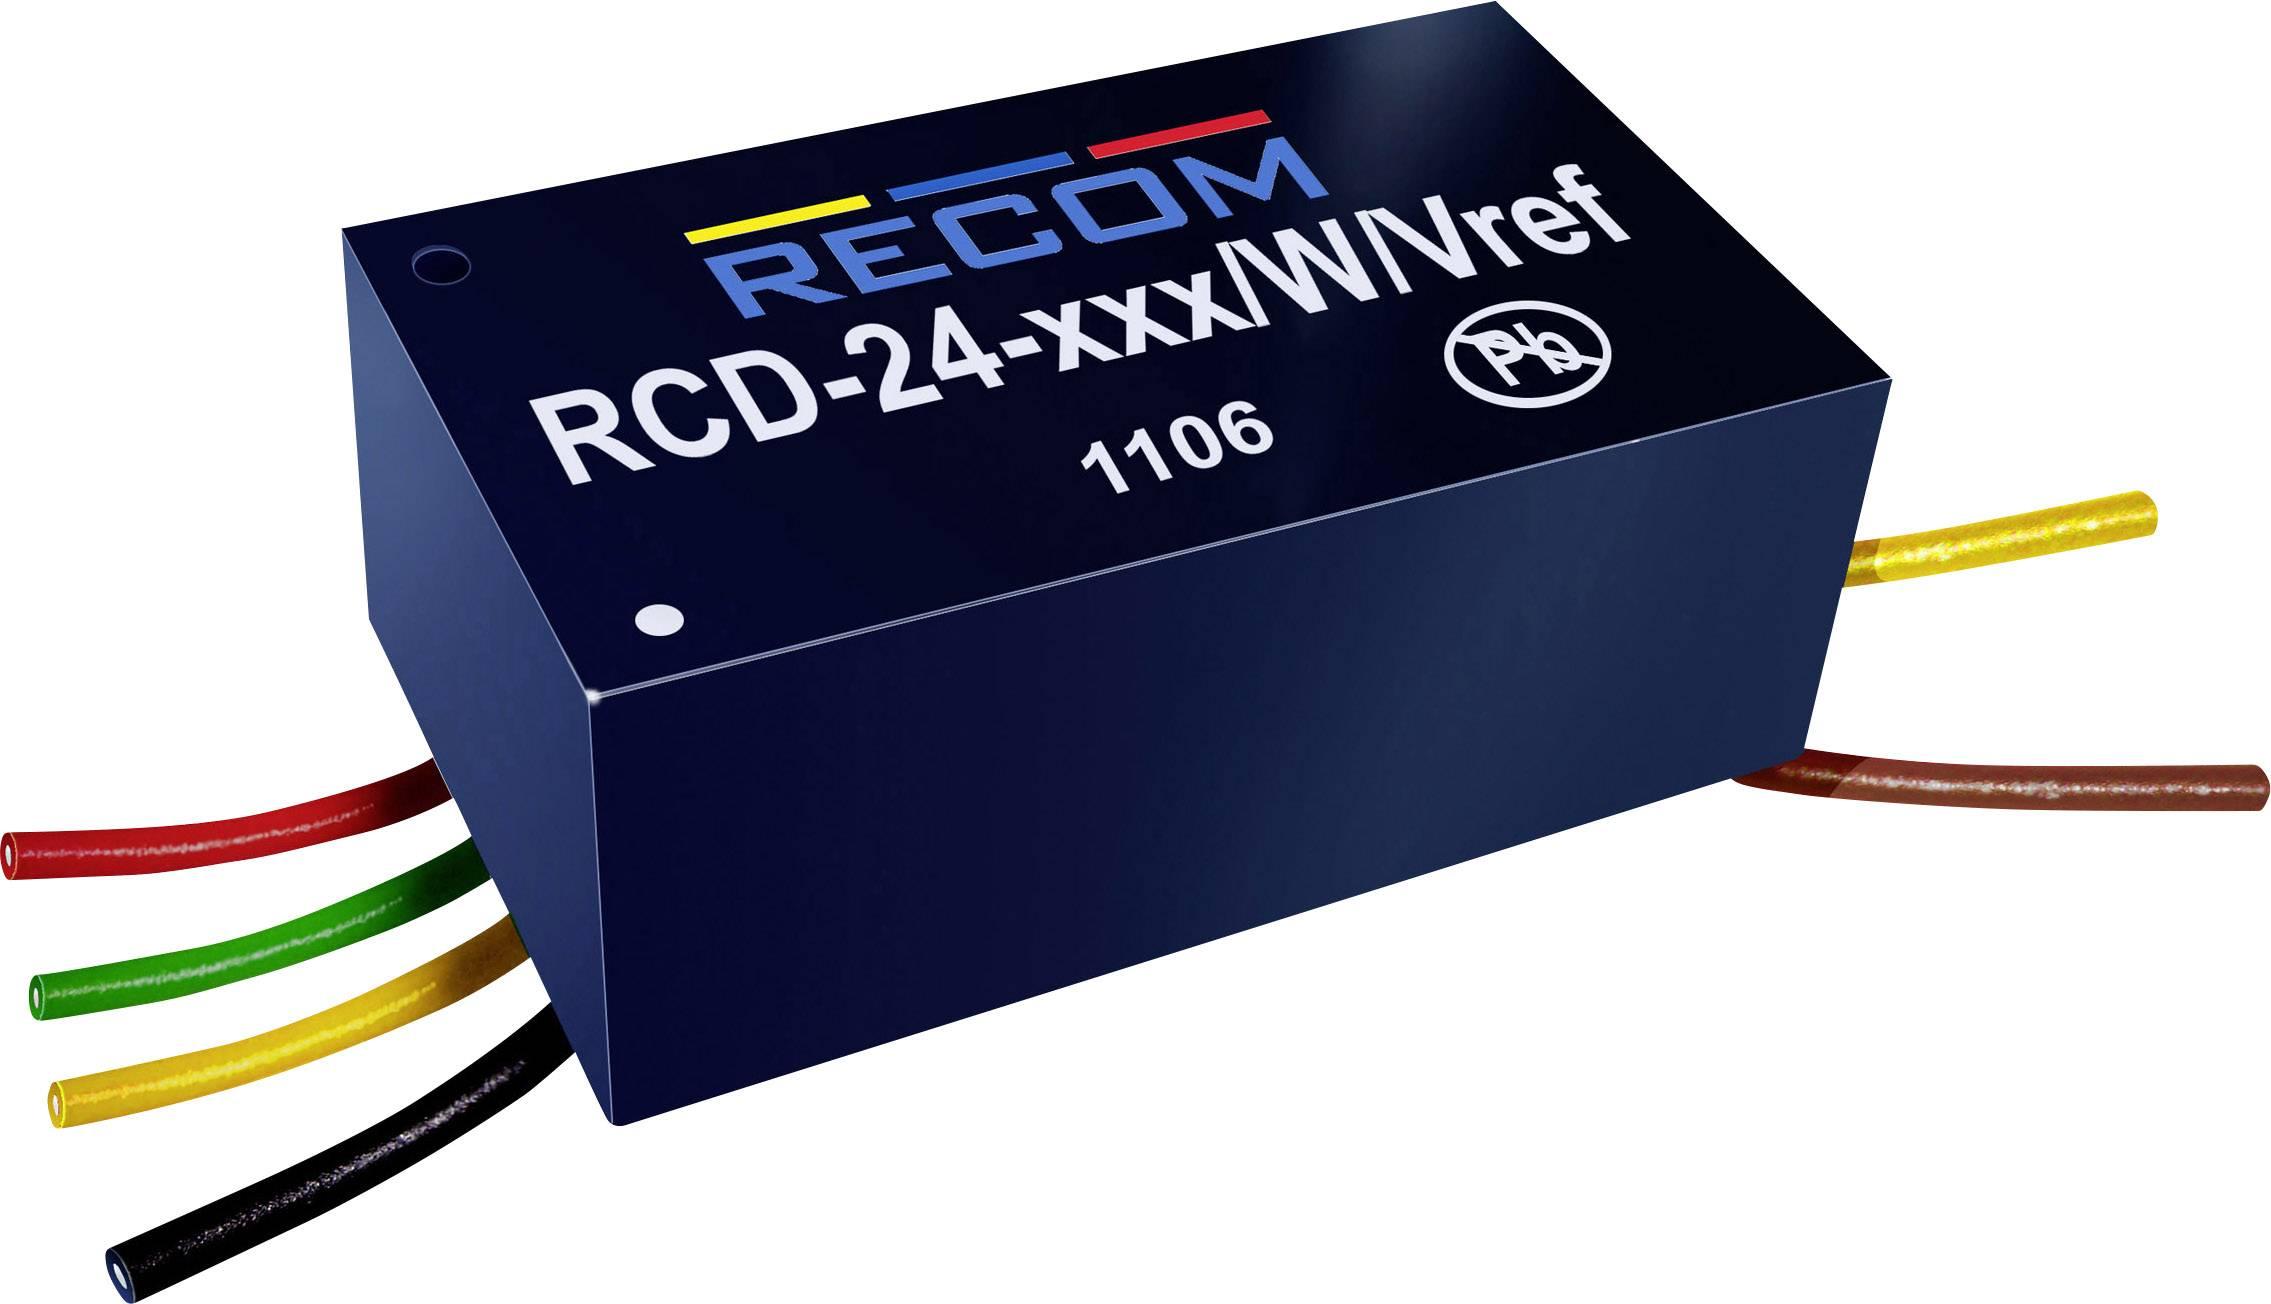 Driver LED 36 V/DC 1200 mA Rec